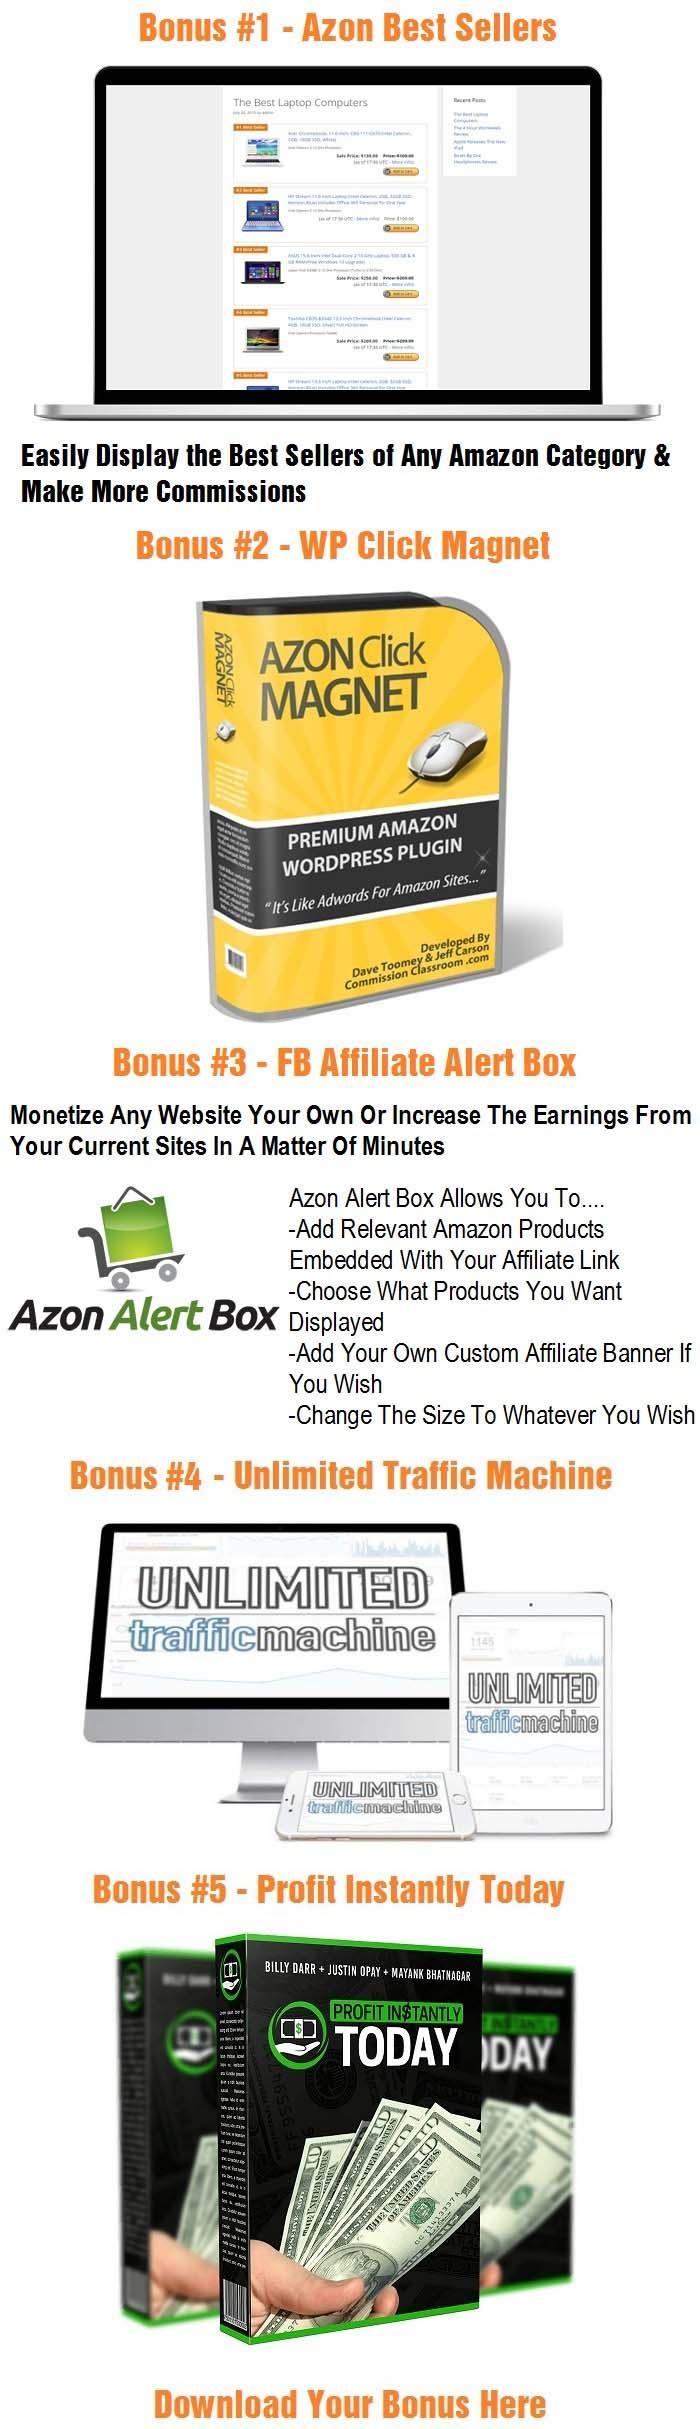 WP ShopAzon Bonus